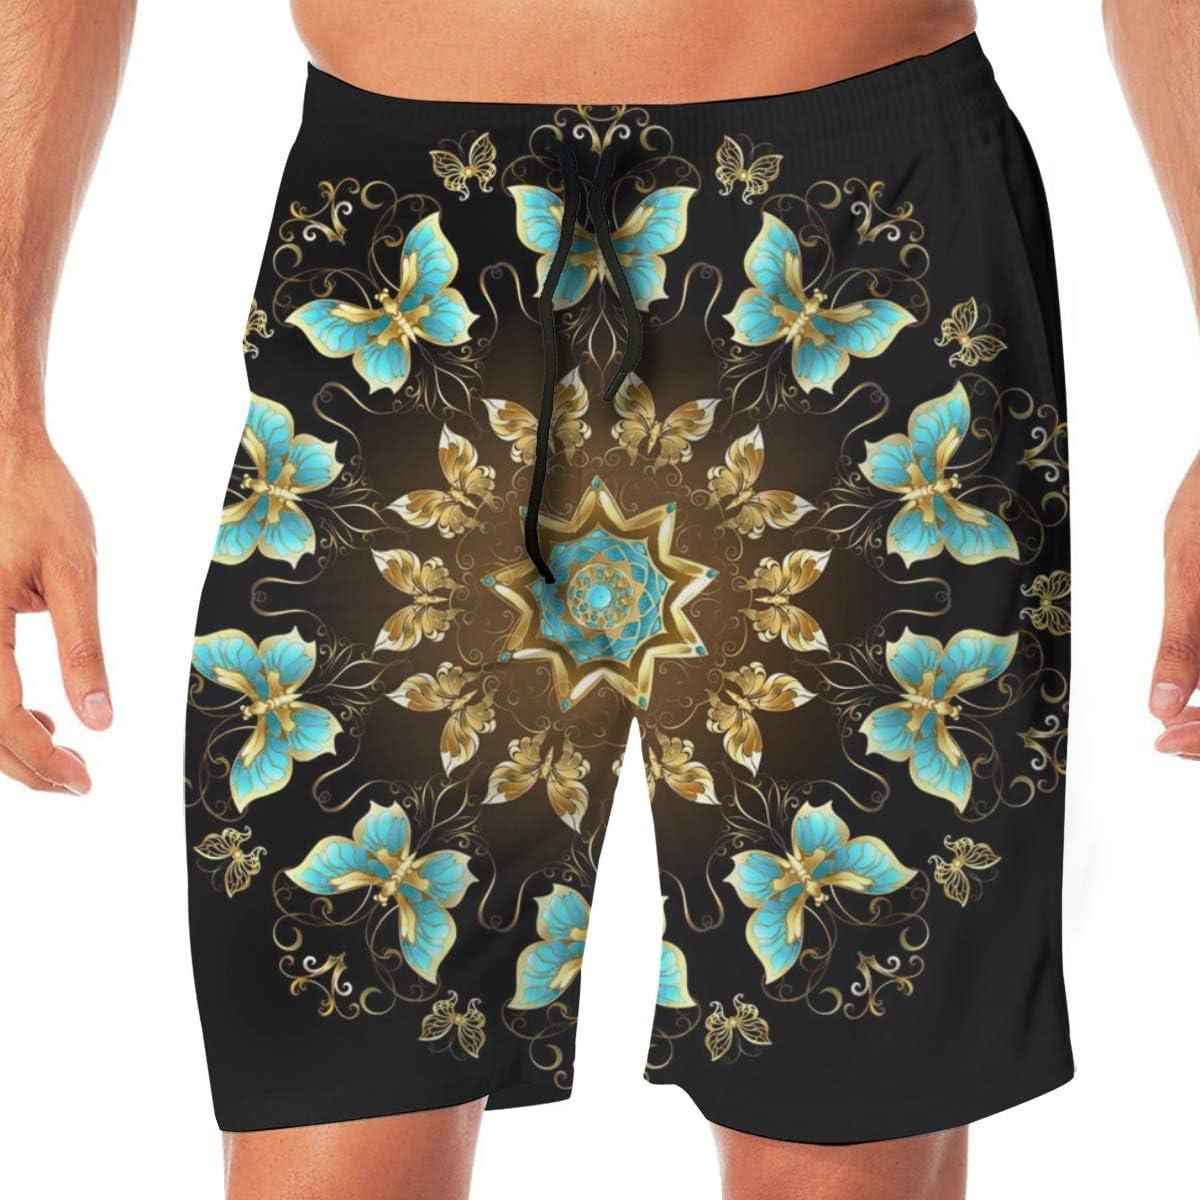 xqqr Mens Beach Board Shorts Mandala of Golden Butterflies Summer Swim Trunks